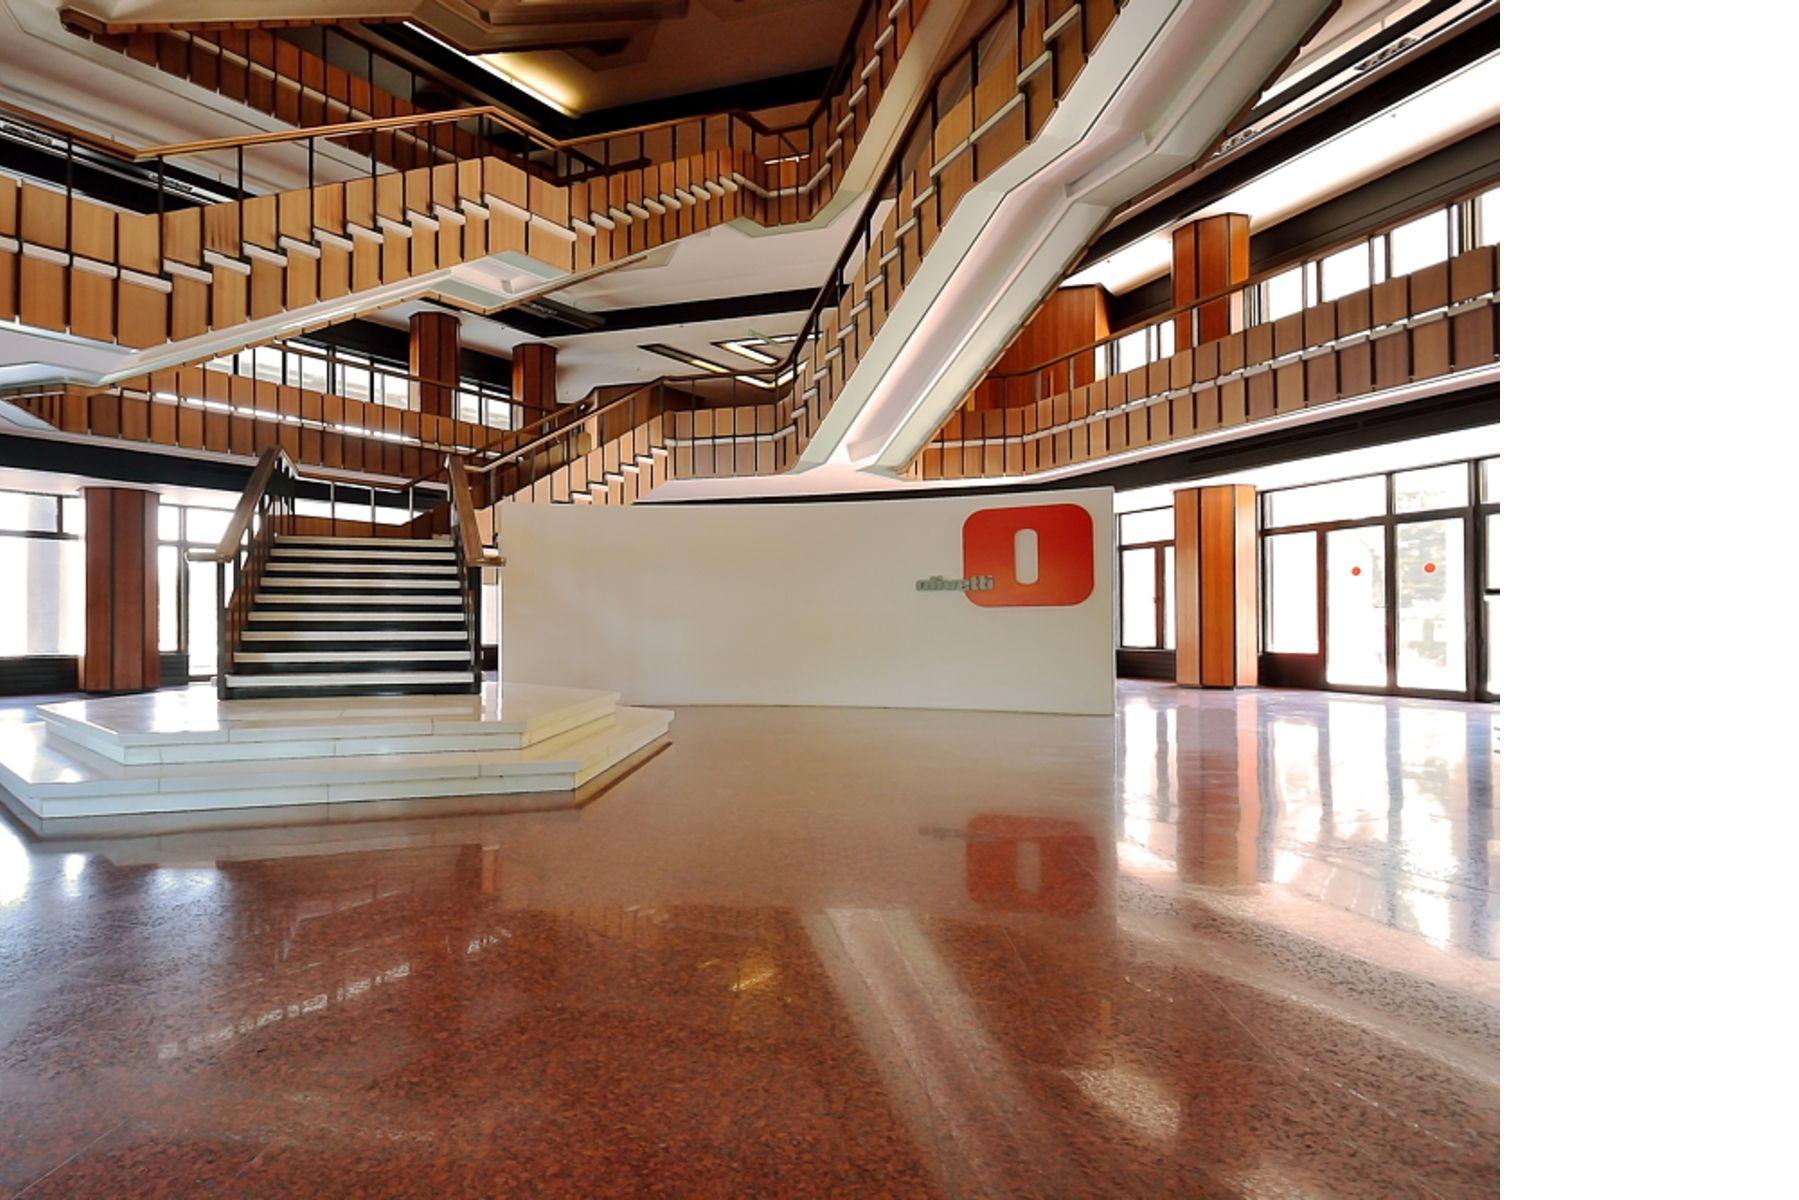 Architetture Olivetti Ivrea: un viaggio nel '900 italiano